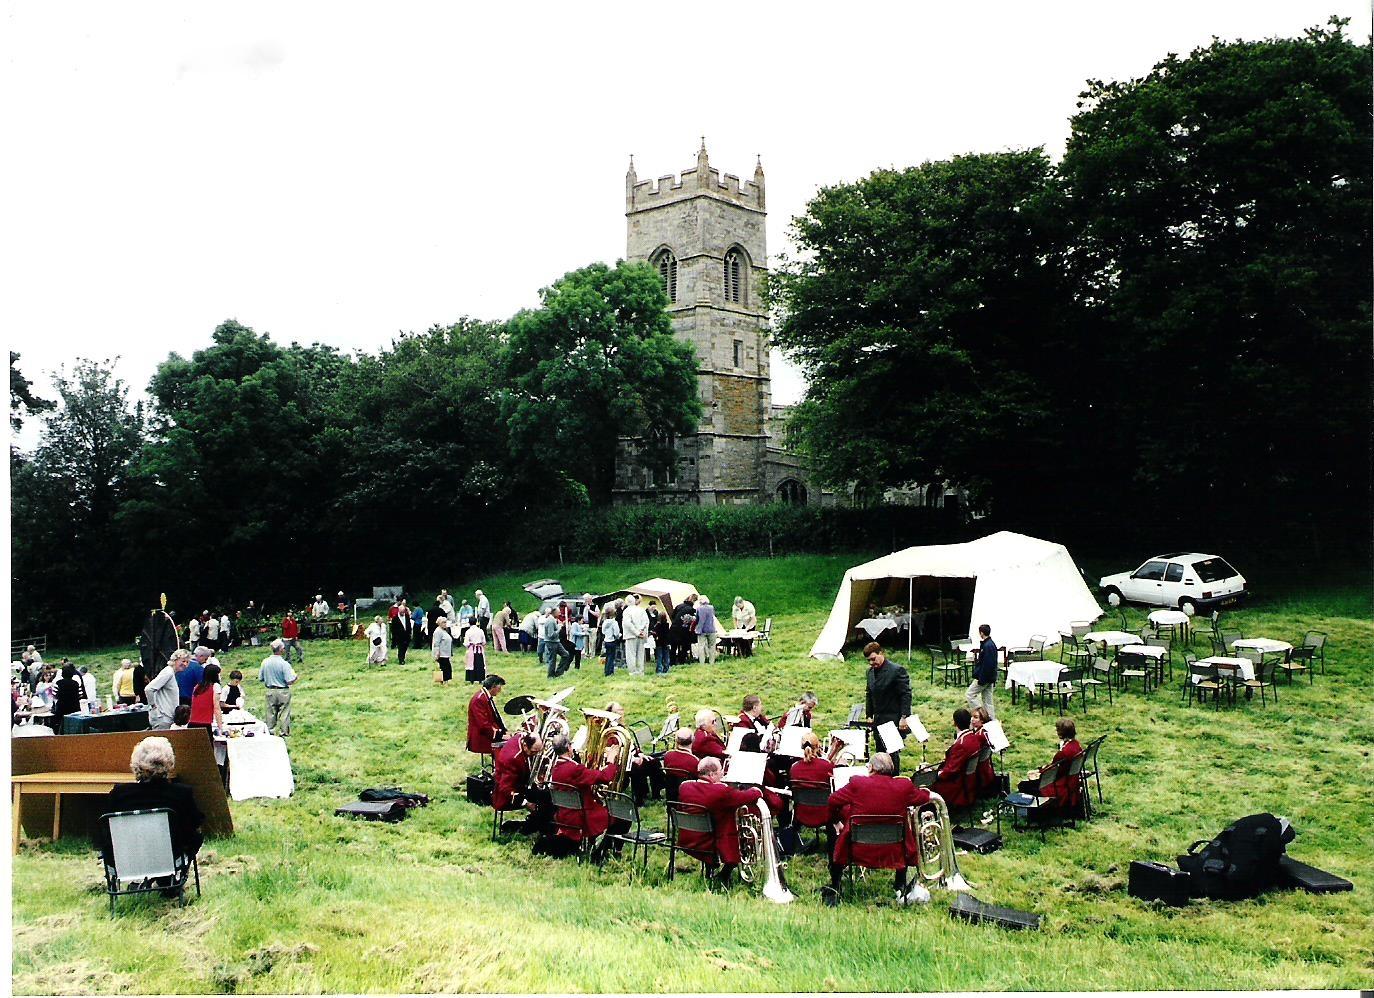 2002 - Village Fete